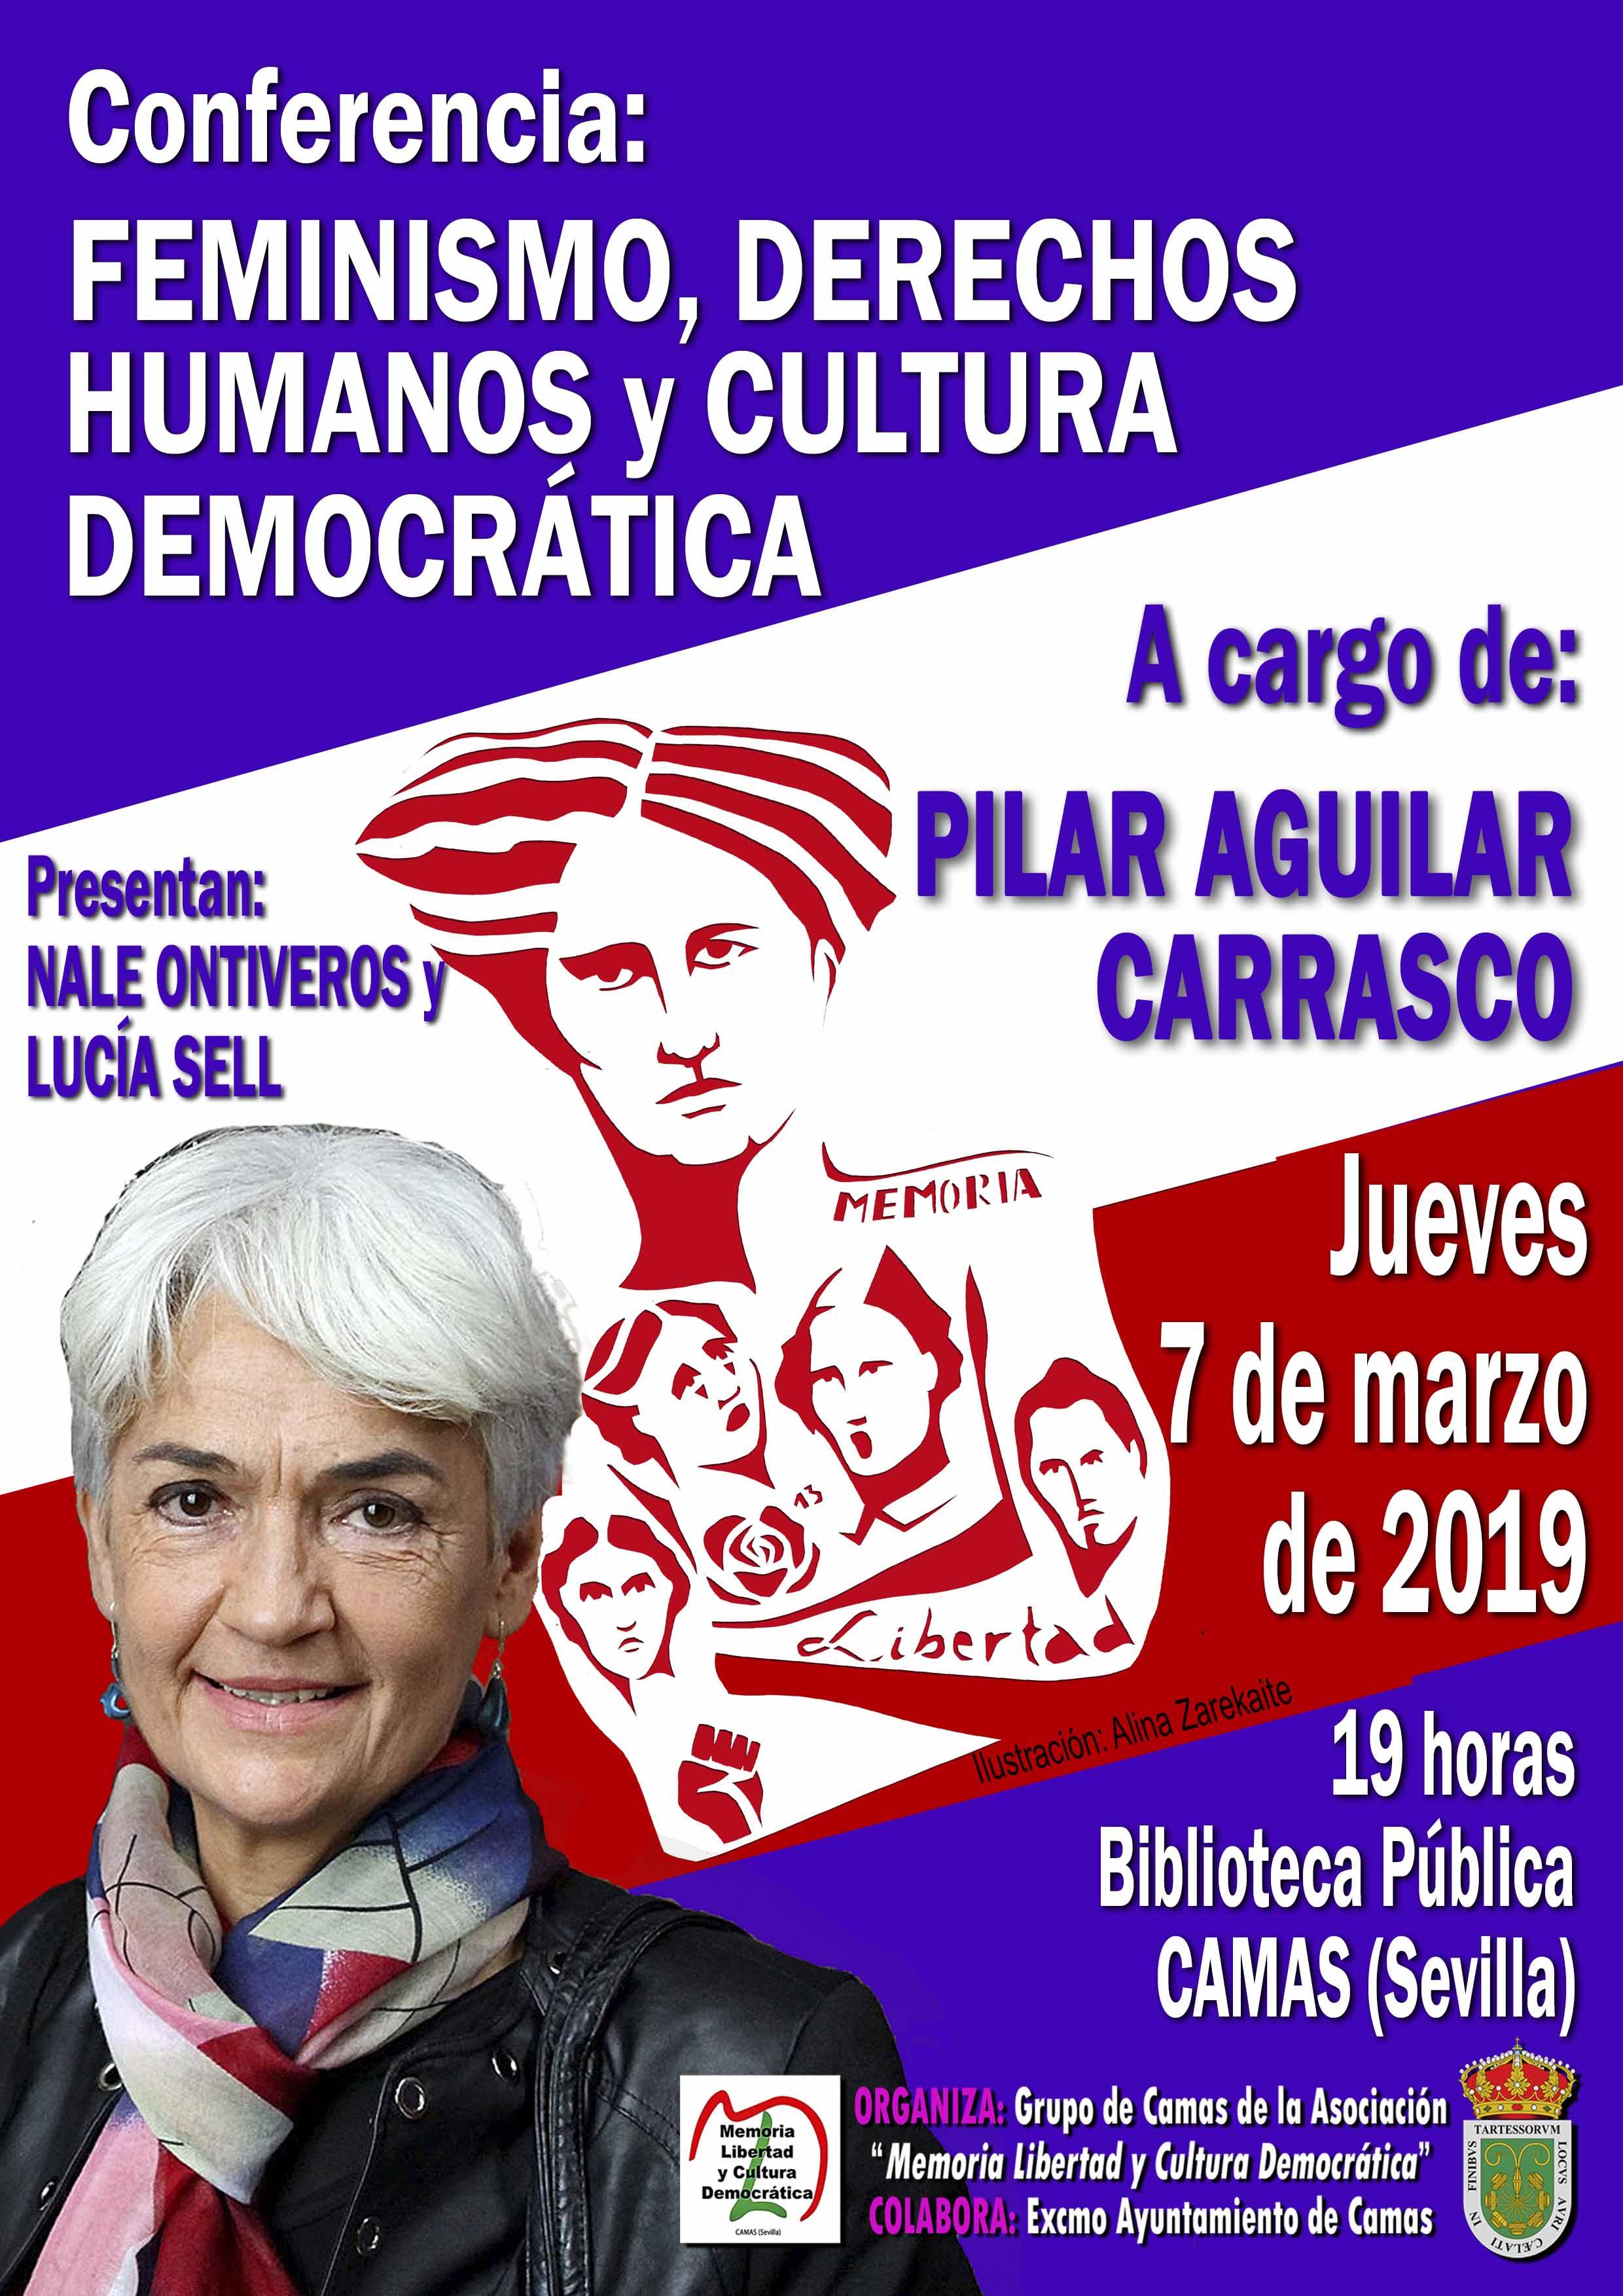 Conferencia Pilar Aguilar Carrasco. 7.03.2019